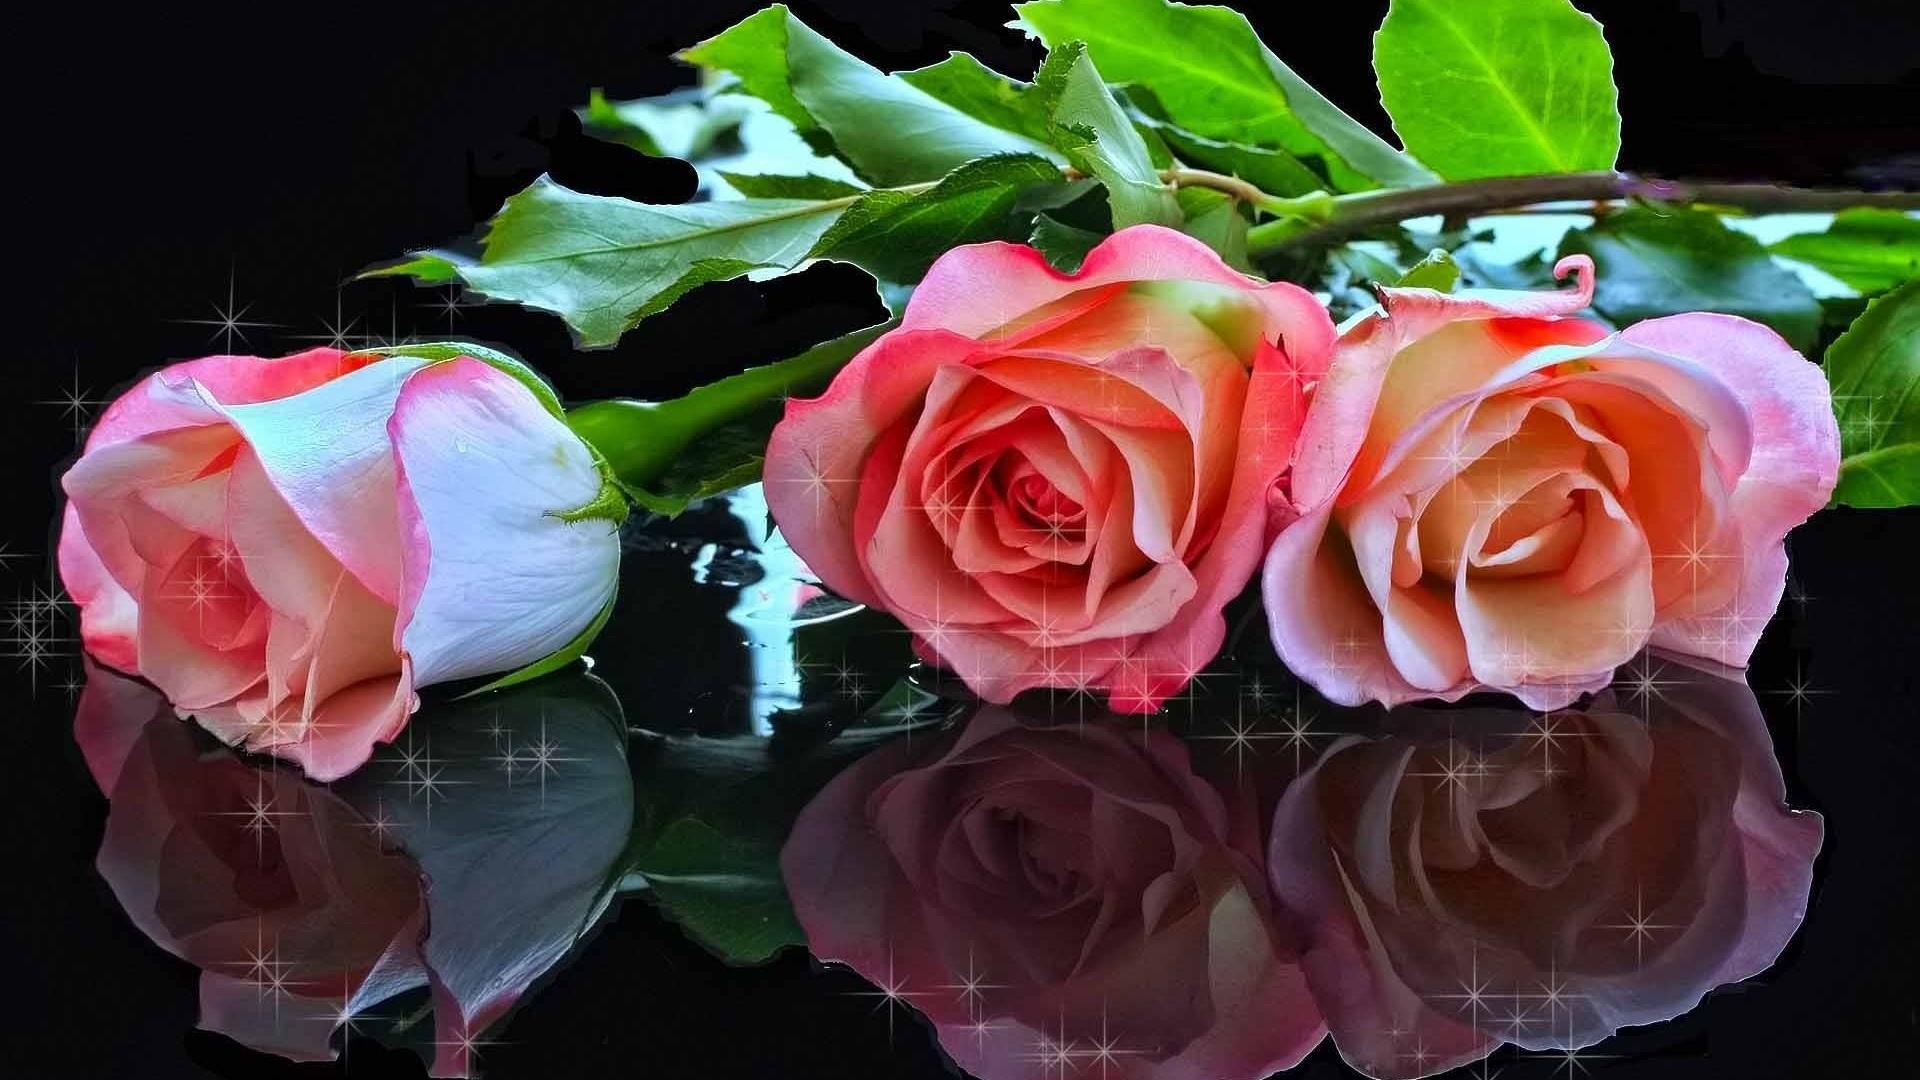 Люблю вас мои друзья картинки в цветах